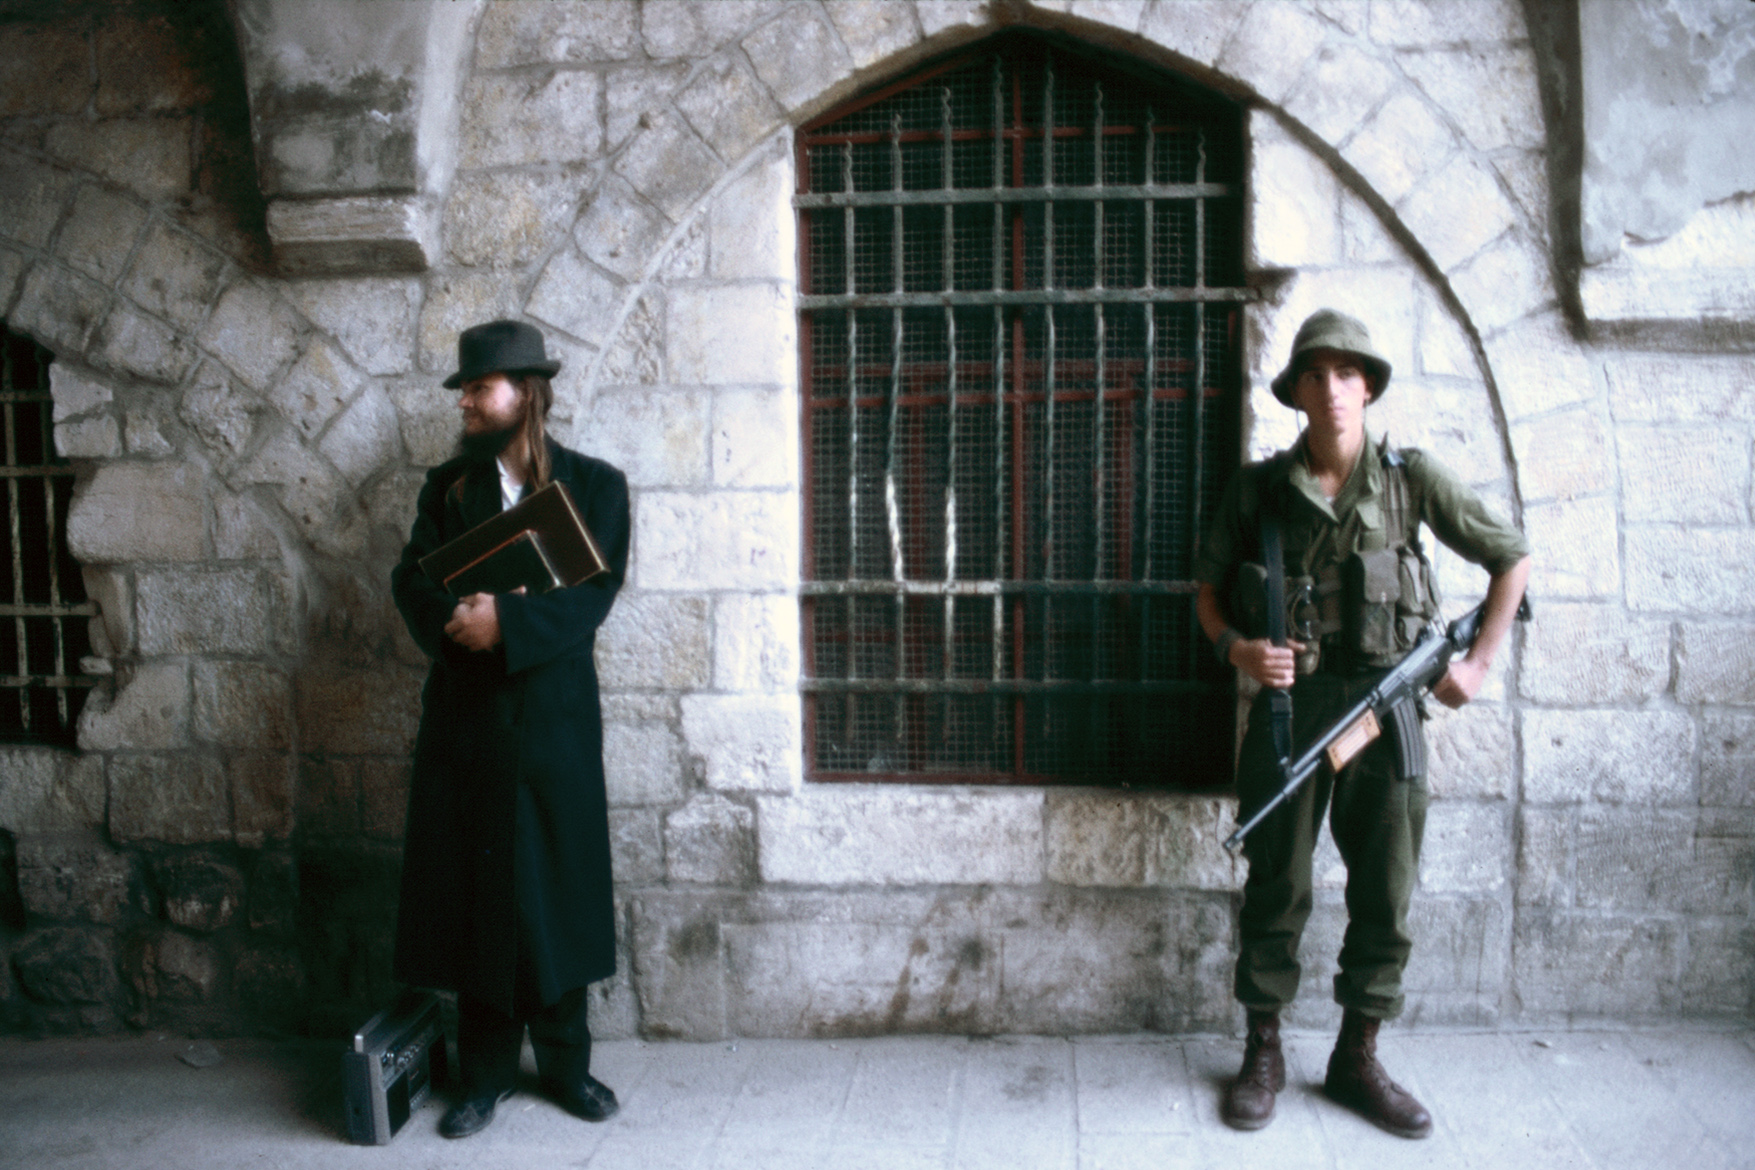 israel_soldier_student.jpg